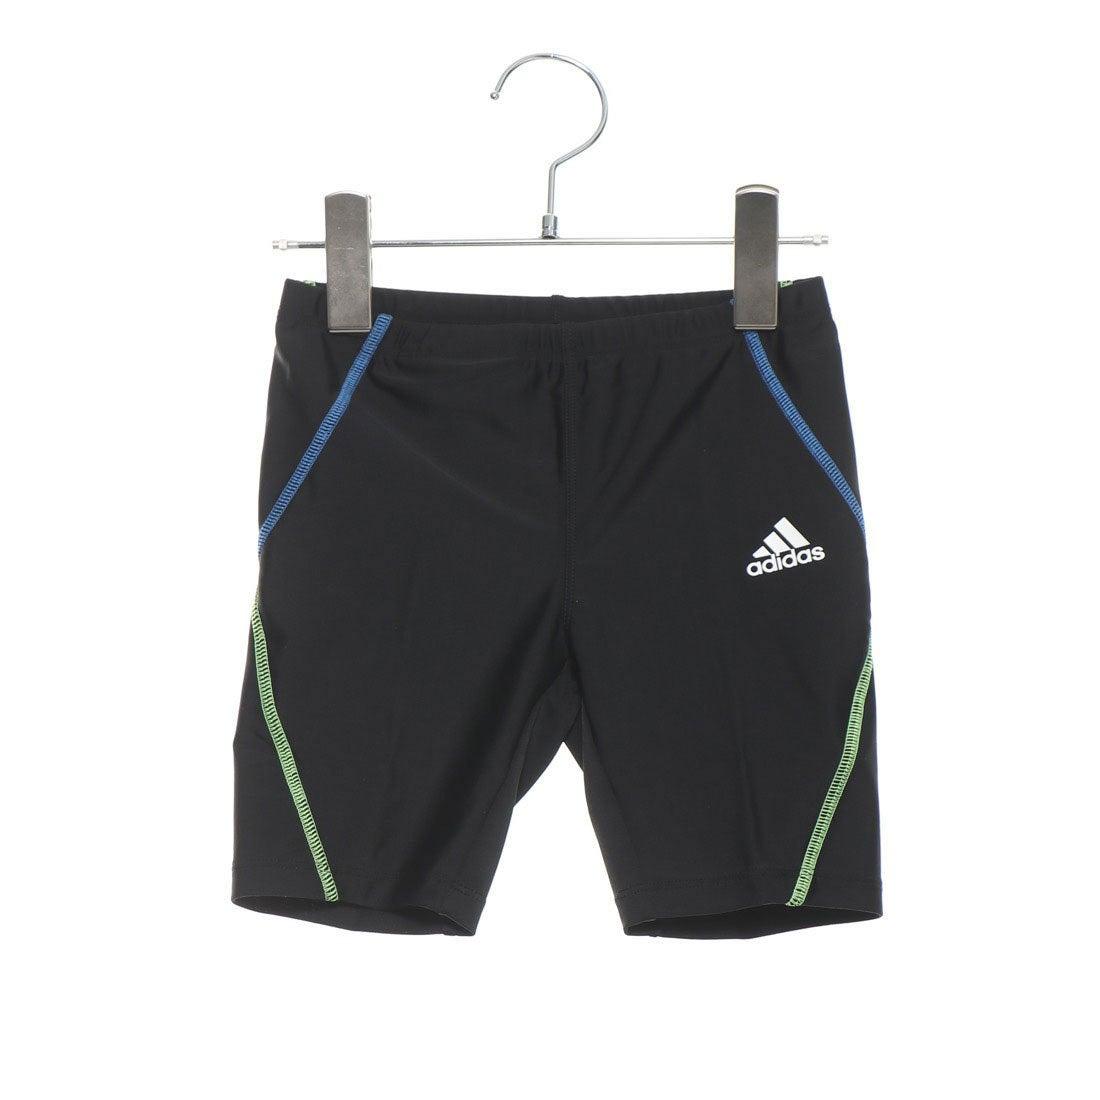 アディダス adidas ジュニア 水泳 スクール水着 フィットネスタイツ 18CM DV0891【返品不可商品】